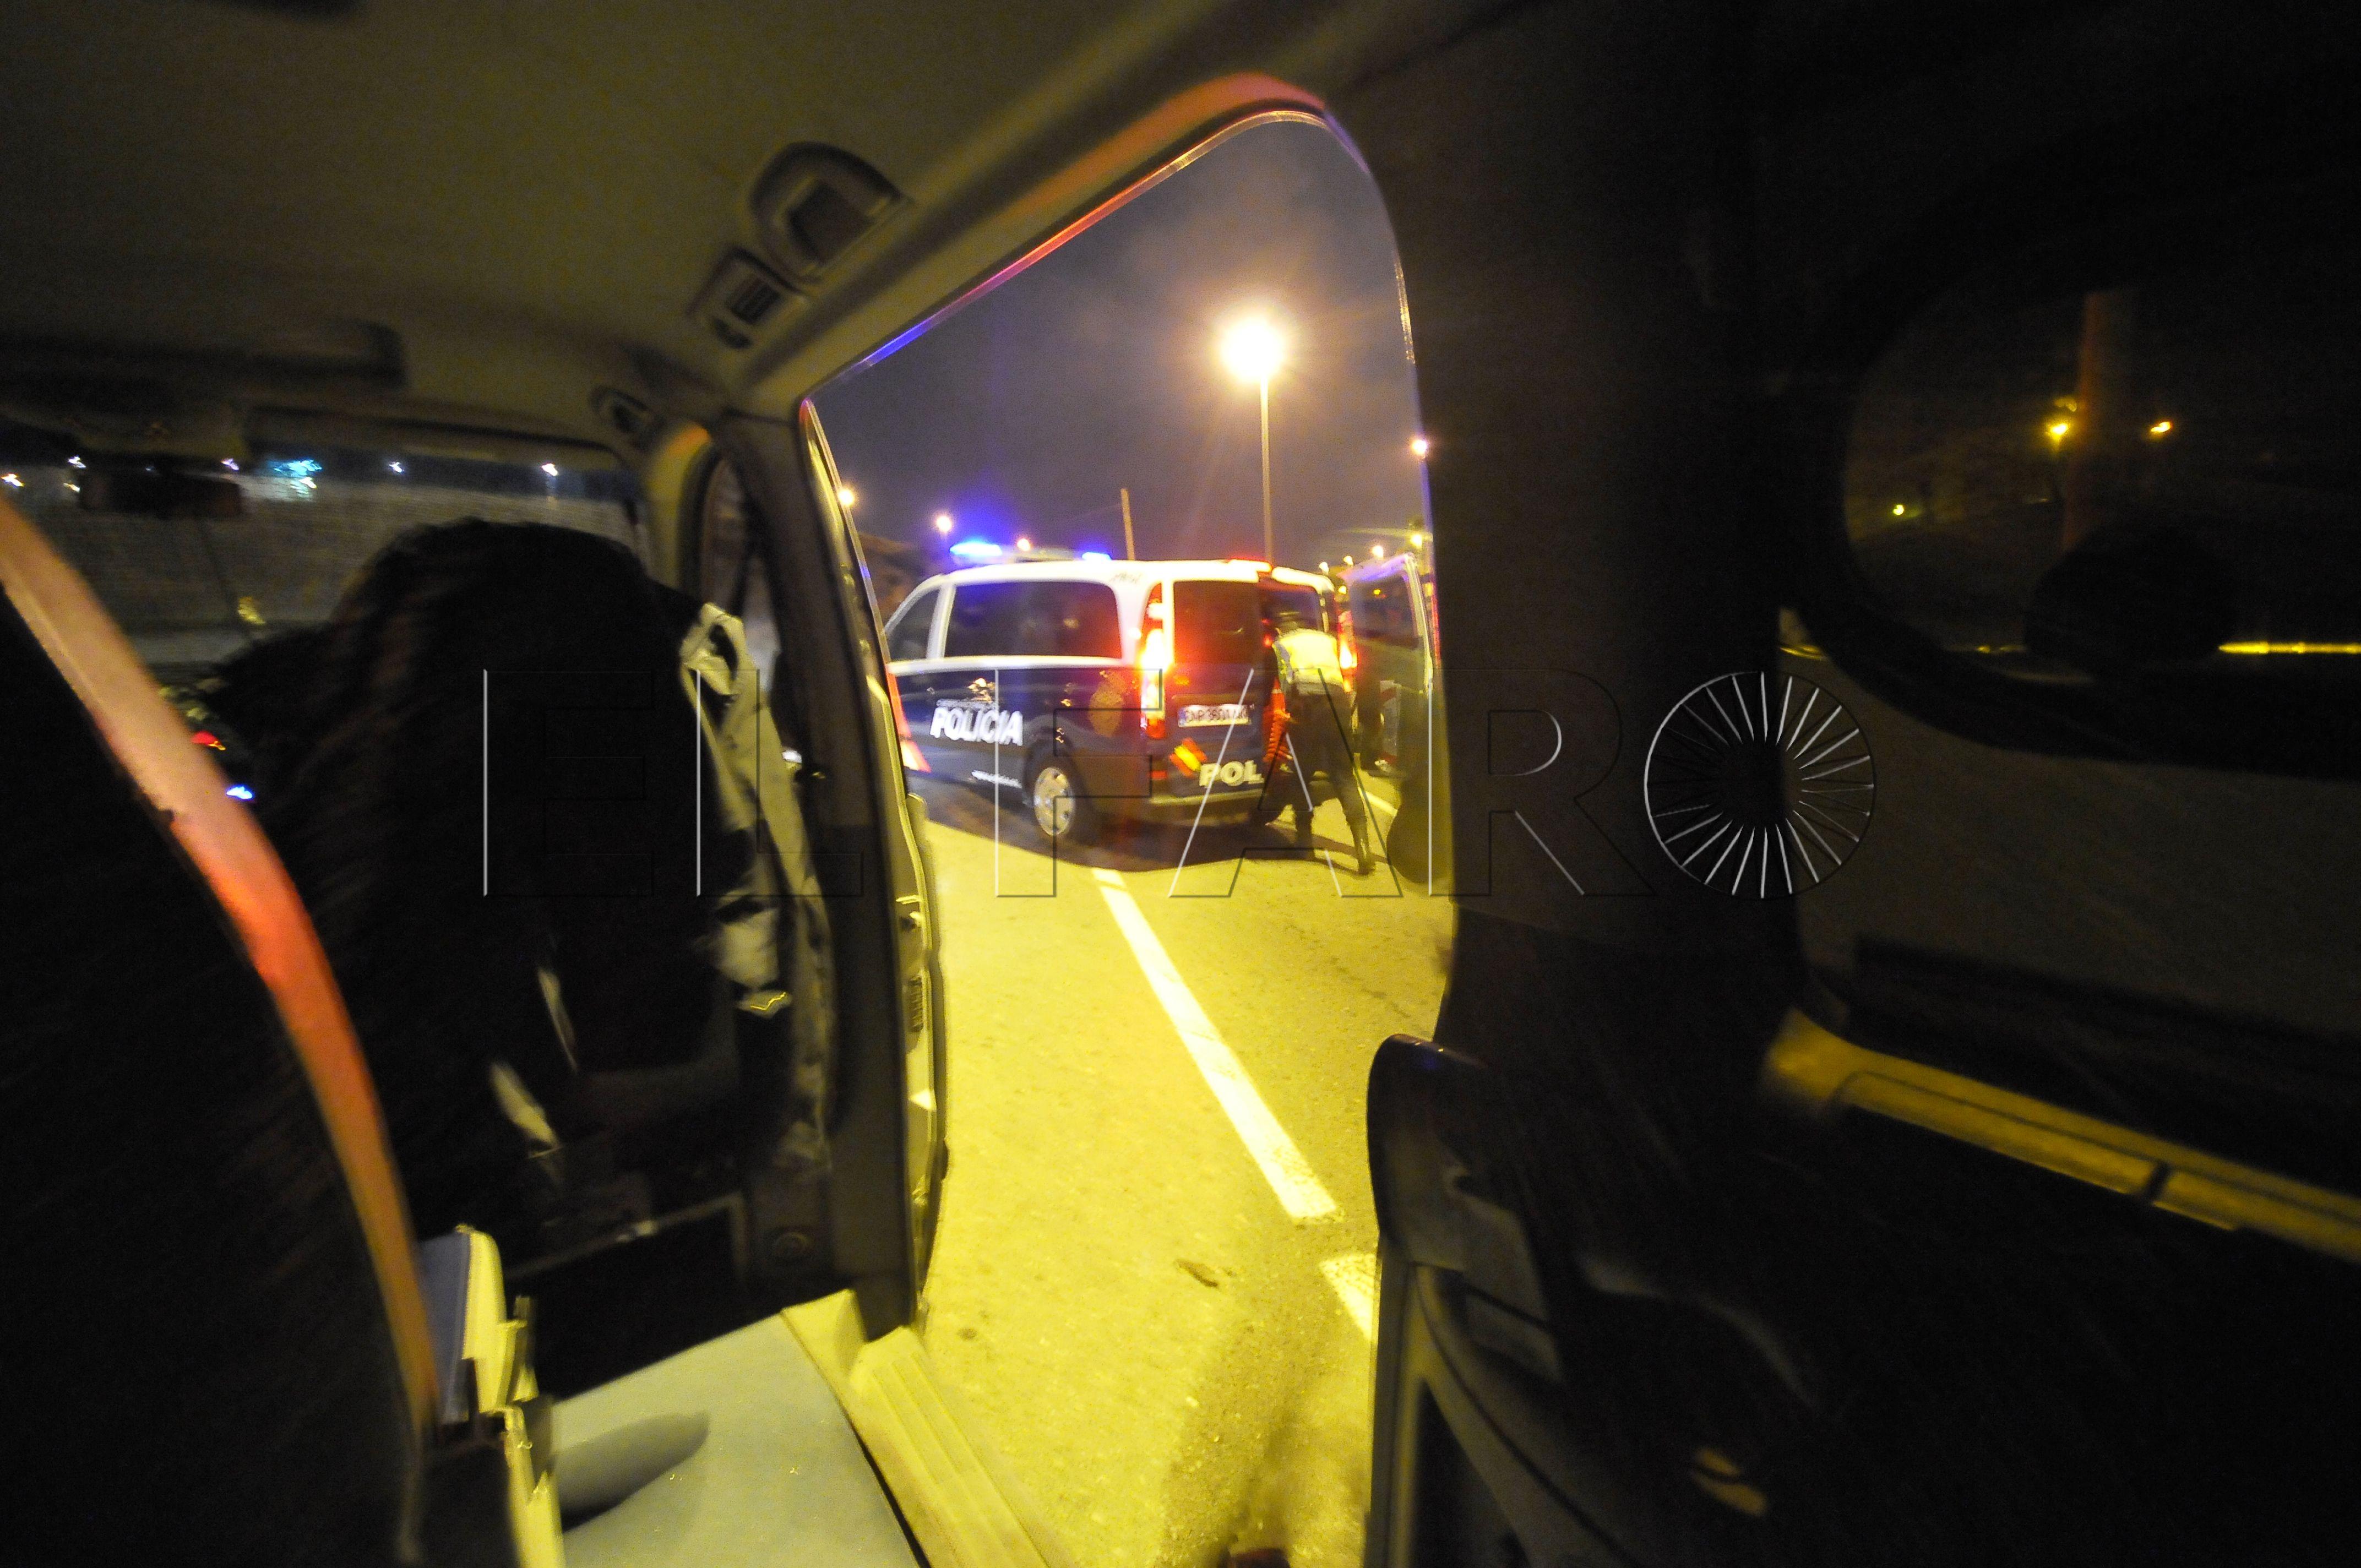 La Policía Nacional detiene 'in fraganti' a un individuo por forzar varios vehículos y robar en su interior